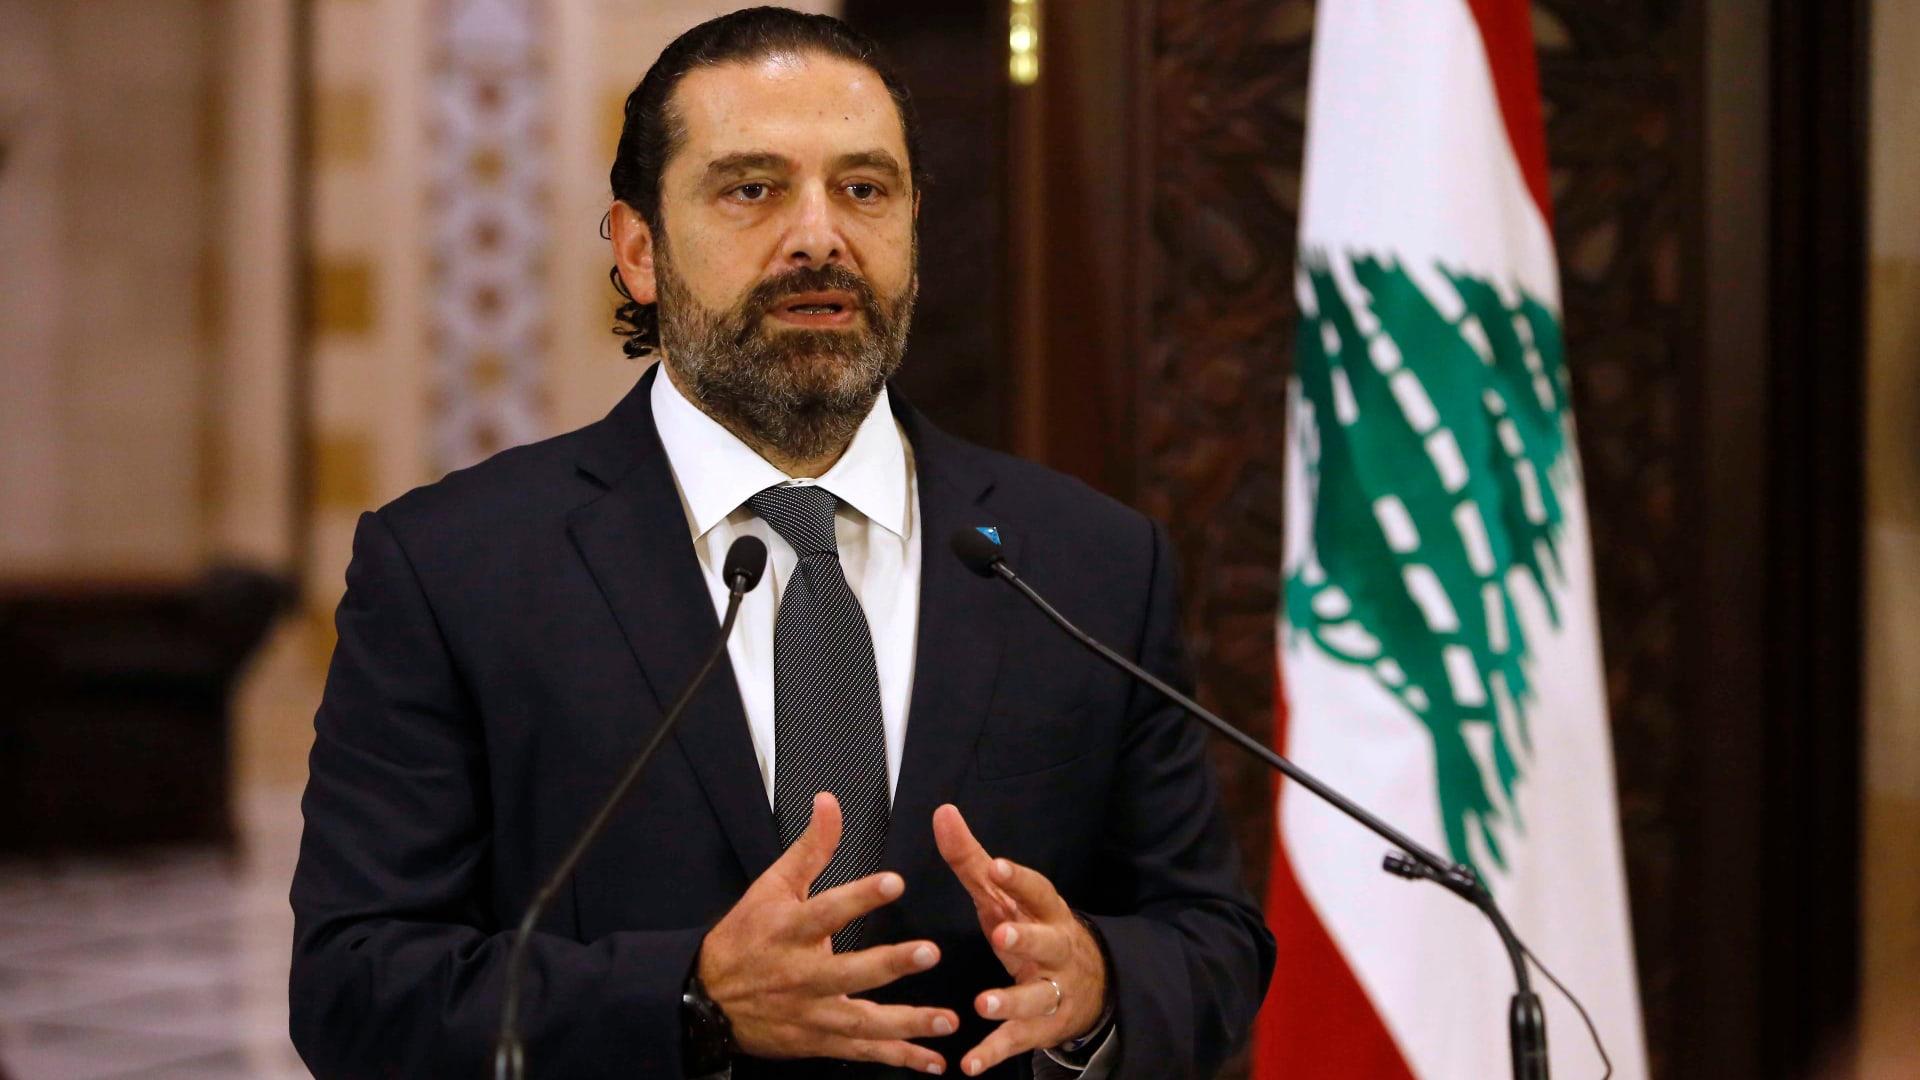 الحريري يهاجم رئيس لبنان وصهره: لن أترأس حكومة إلا إذا اعتدلا.. ولا ألعب بالنار